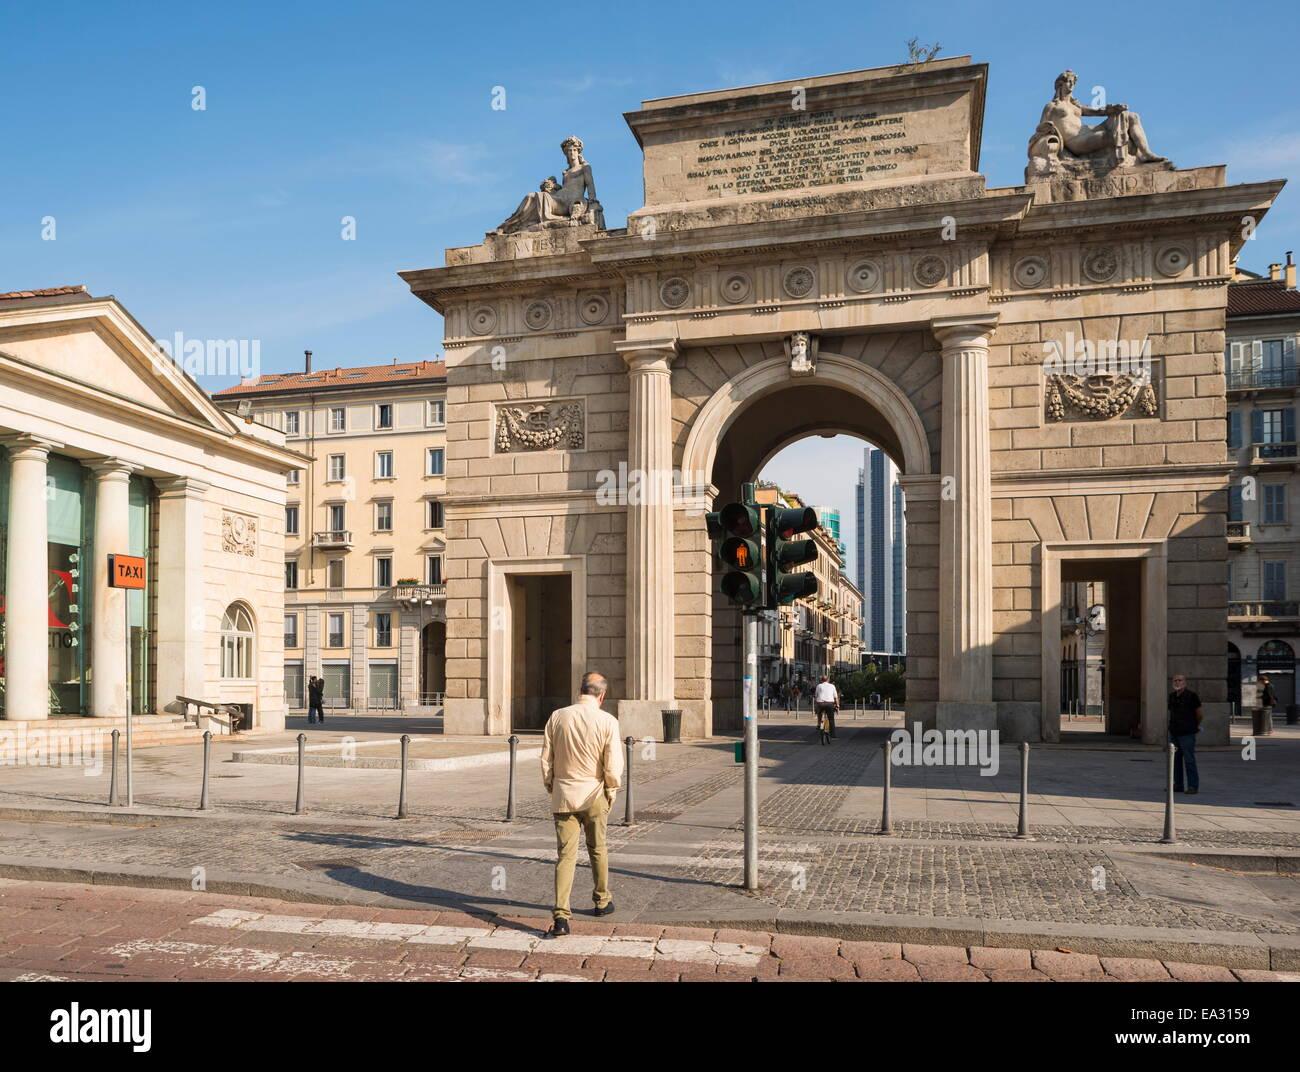 Esterno del Monumento di Porta Garibaldi, Milano, Lombardia, Italia, Europa Immagini Stock